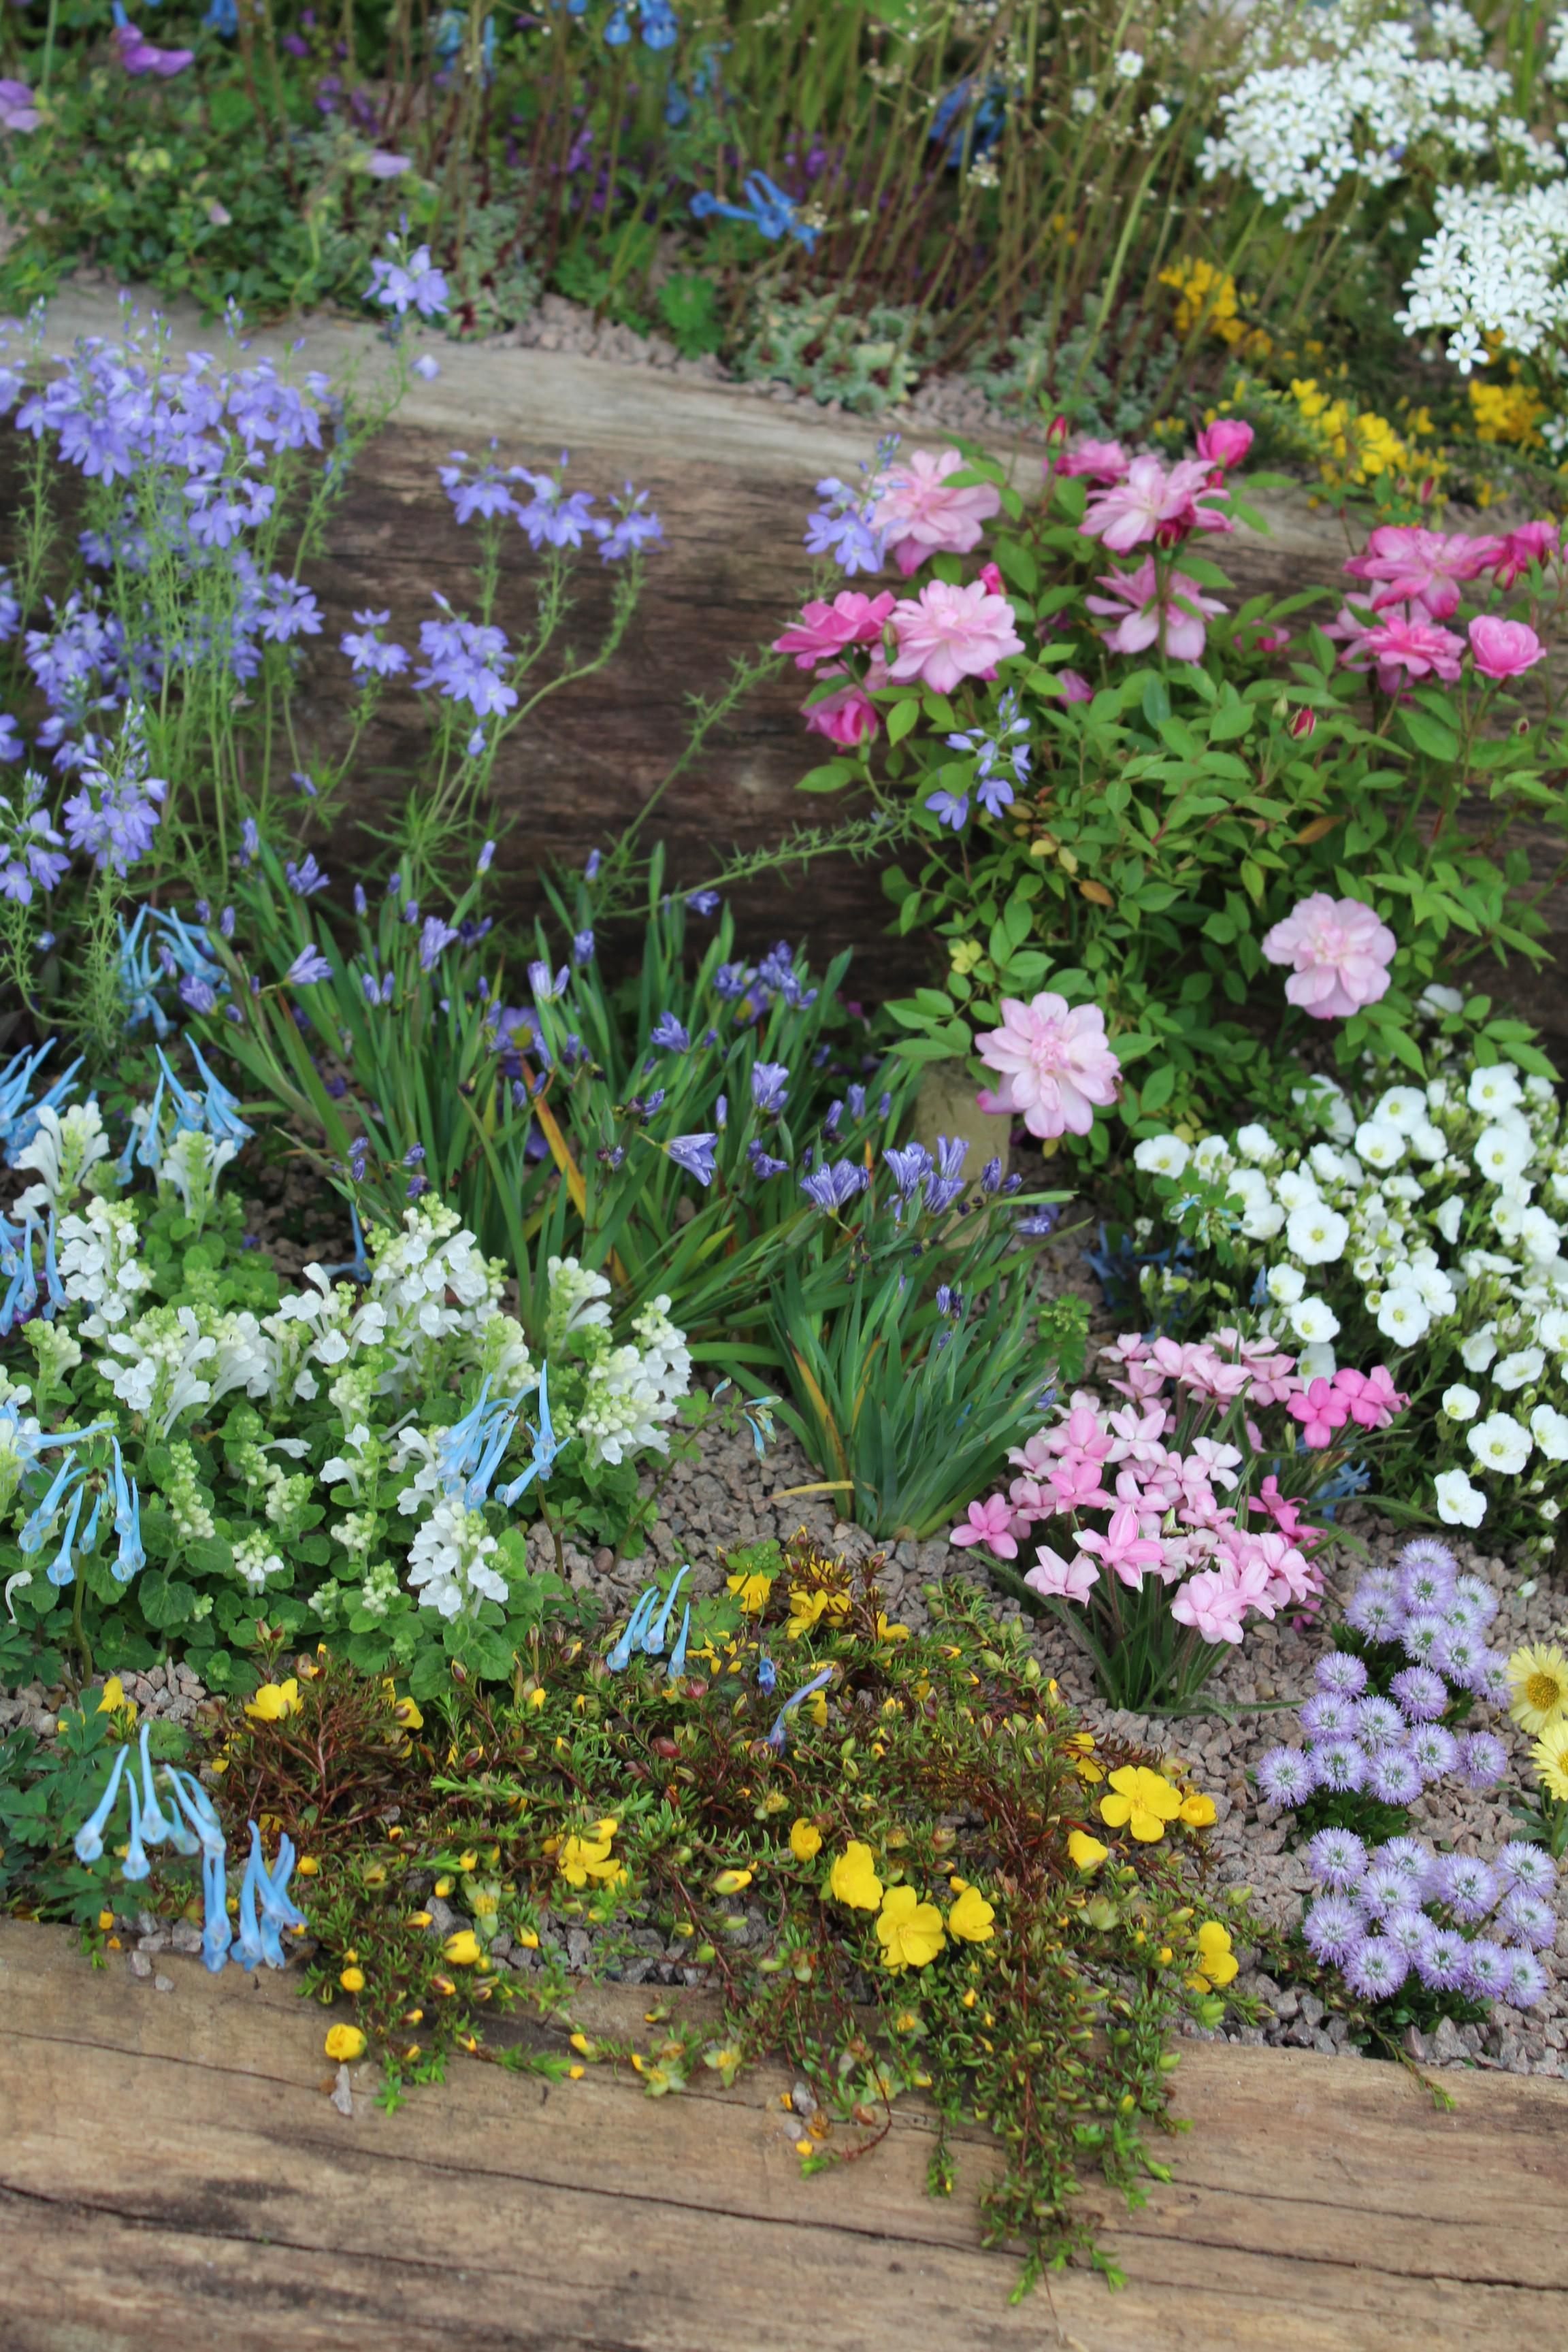 Gartenarbeit im september gartenarbeit im september plant happy der september im garten - Gartenarbeit im september ...